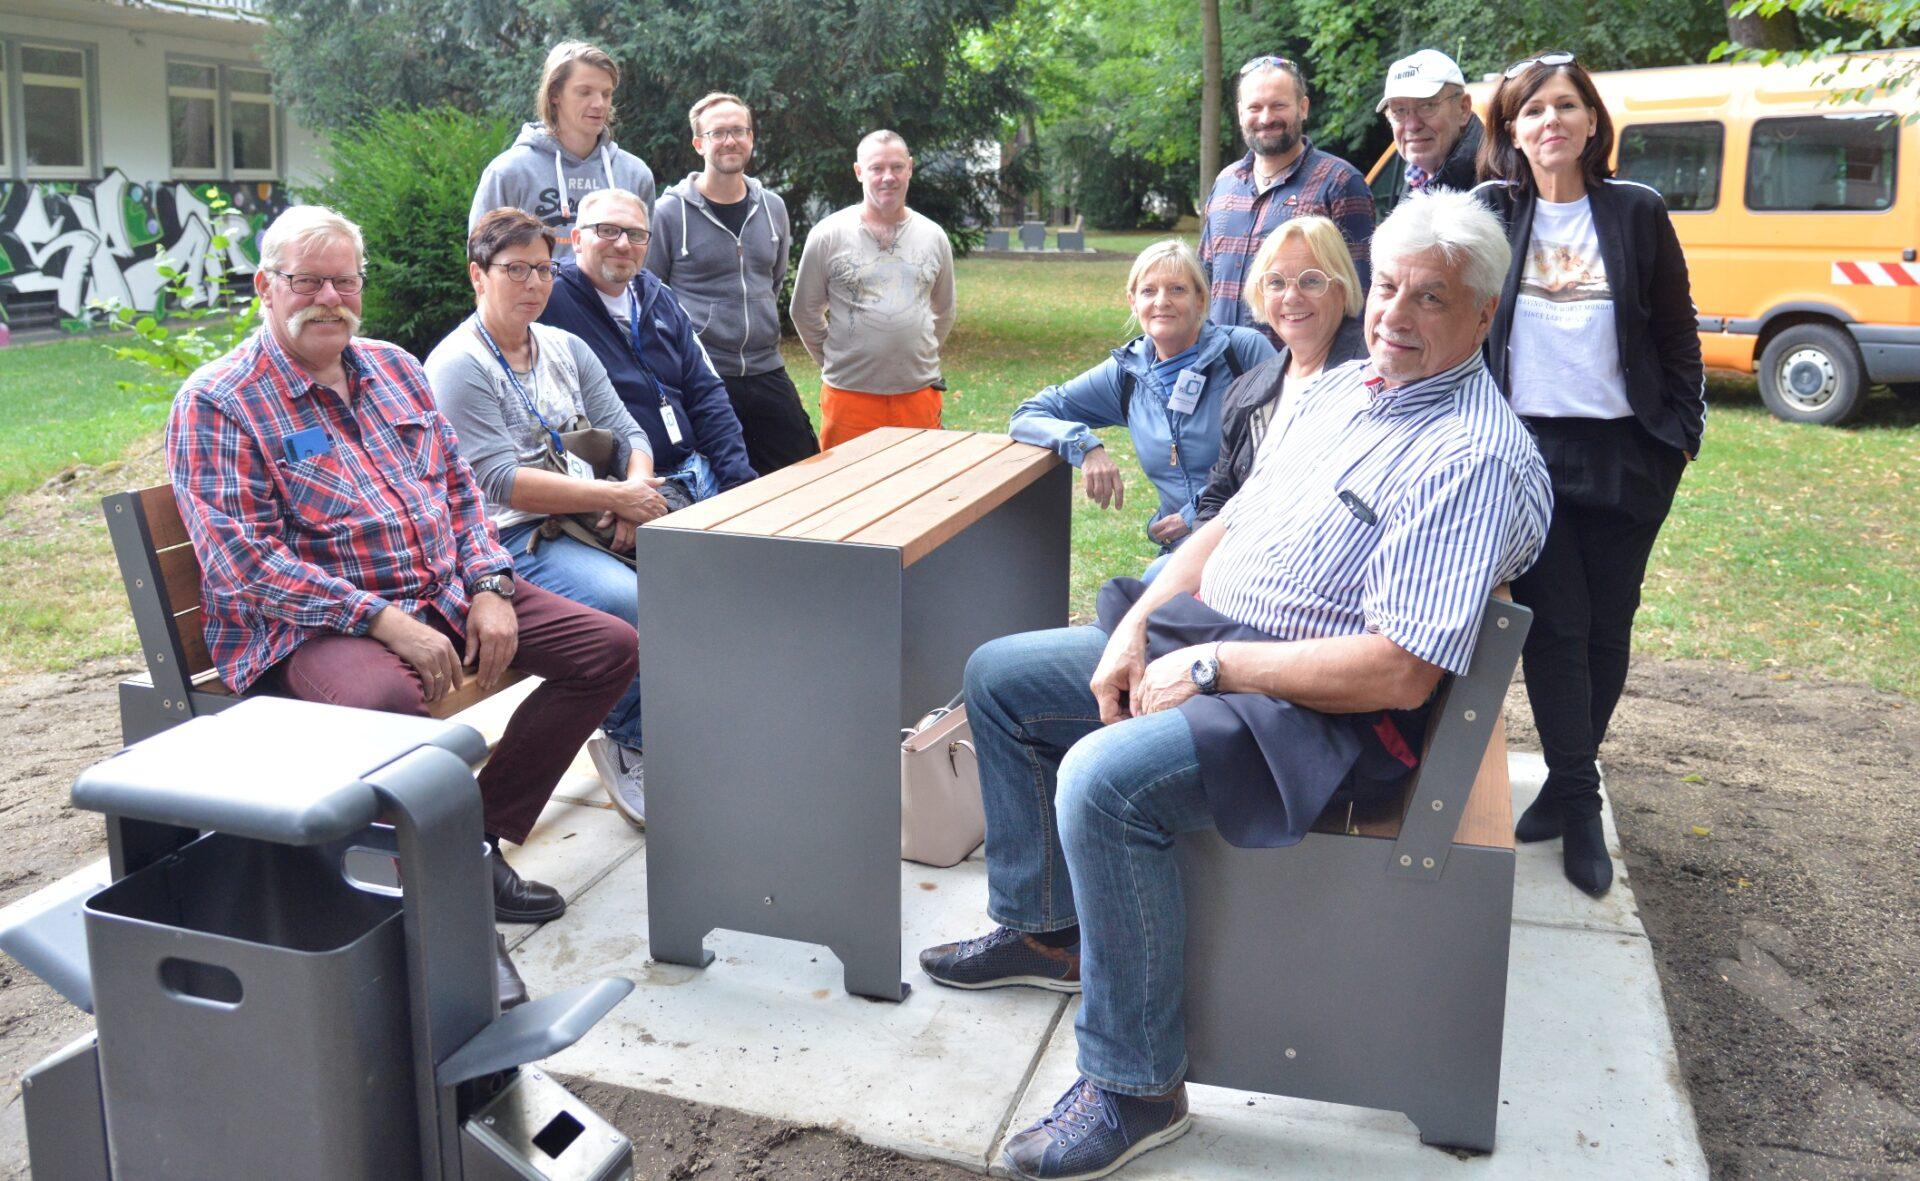 Sitzensembles sorgen für schöneres Ambiente im Stadtpark